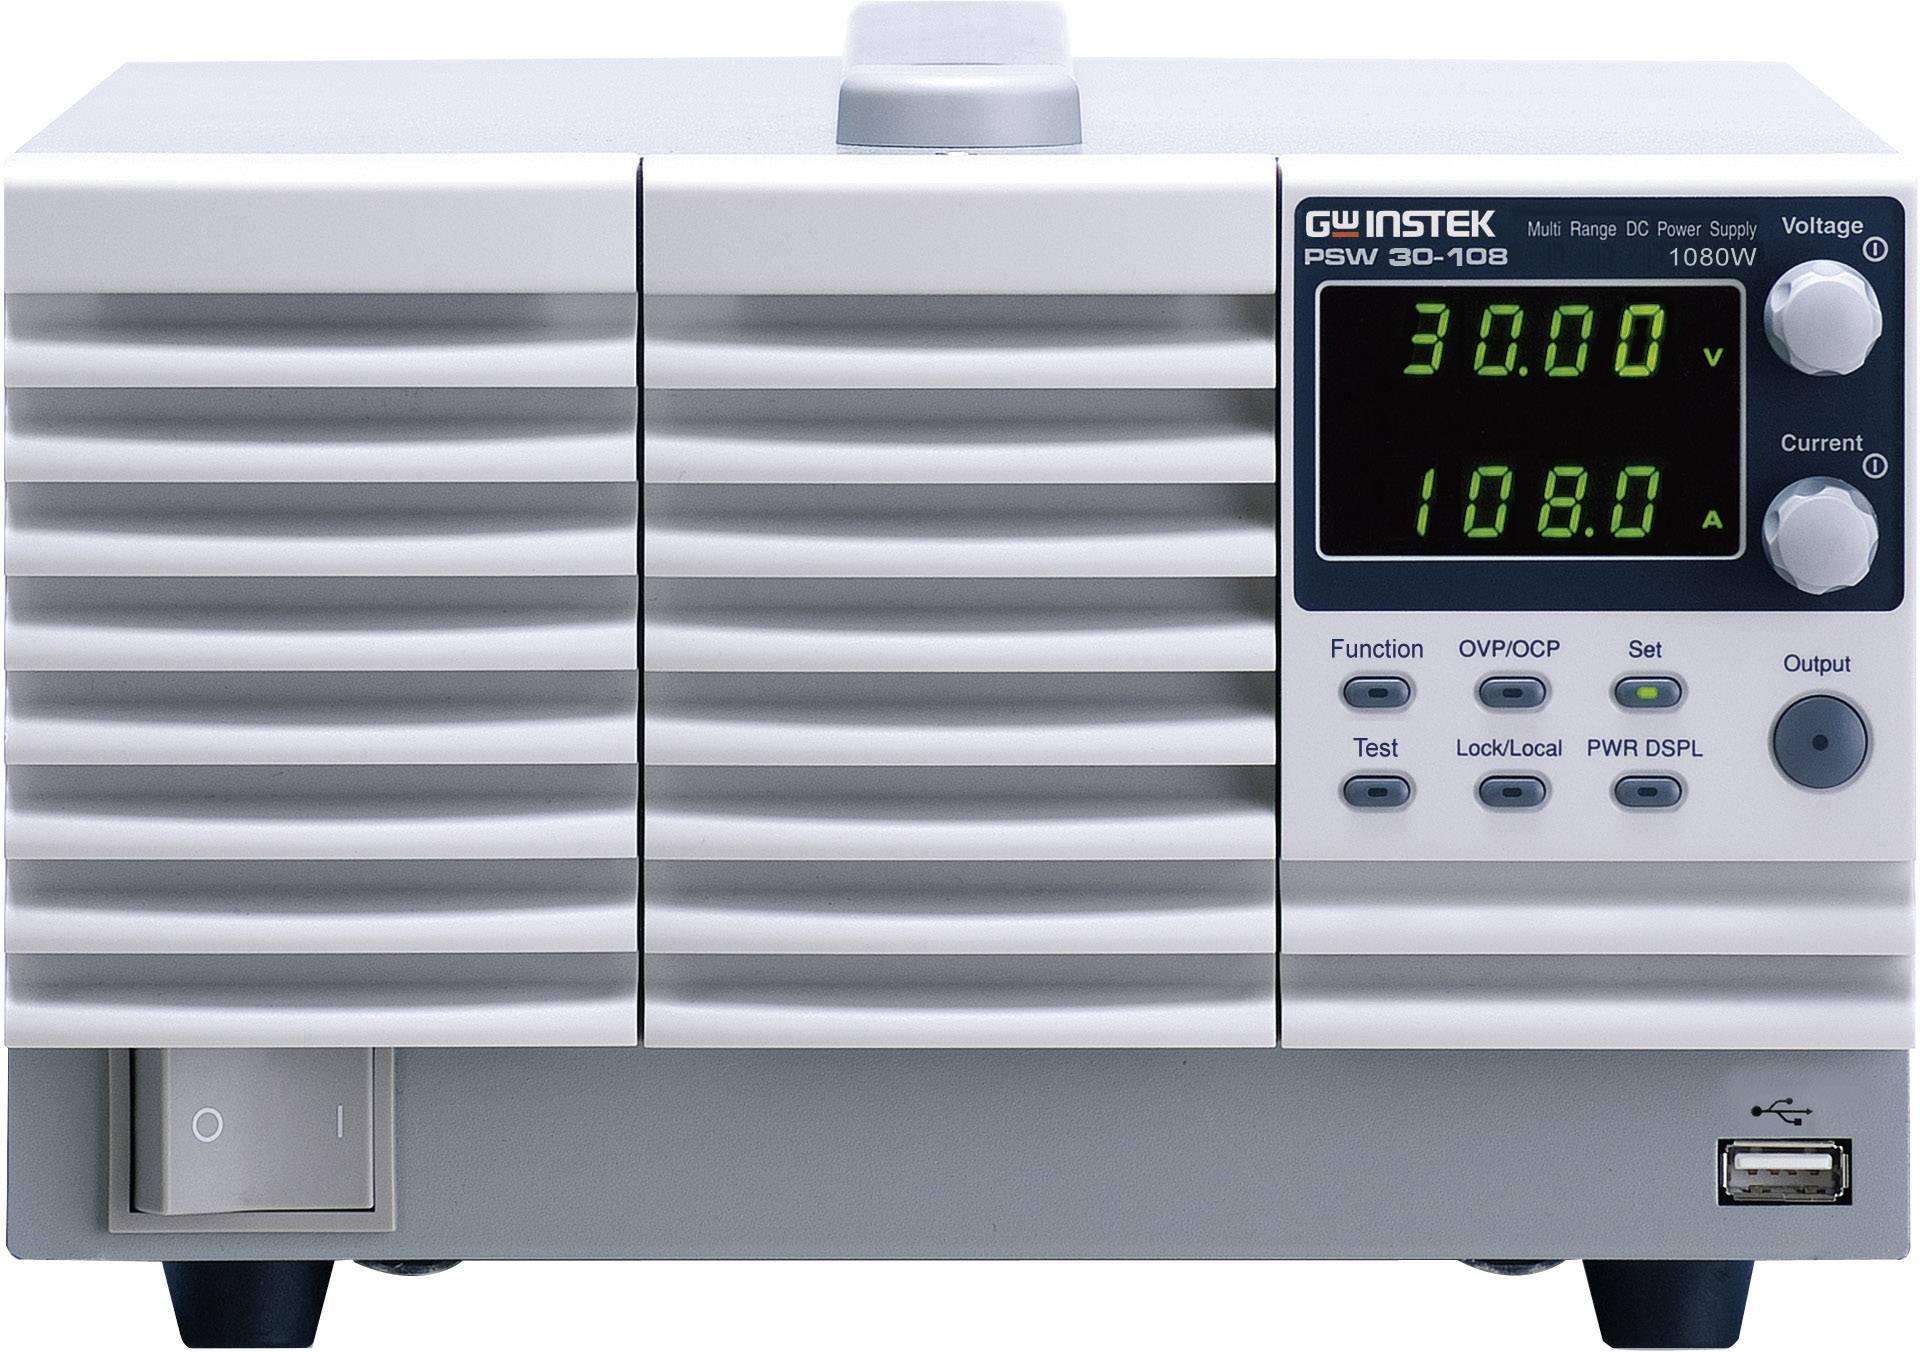 Laboratorní síťový zdroj GW Instek PSW30-108, 0 - 30 V/DC, 0 - 108 A, 1080 W